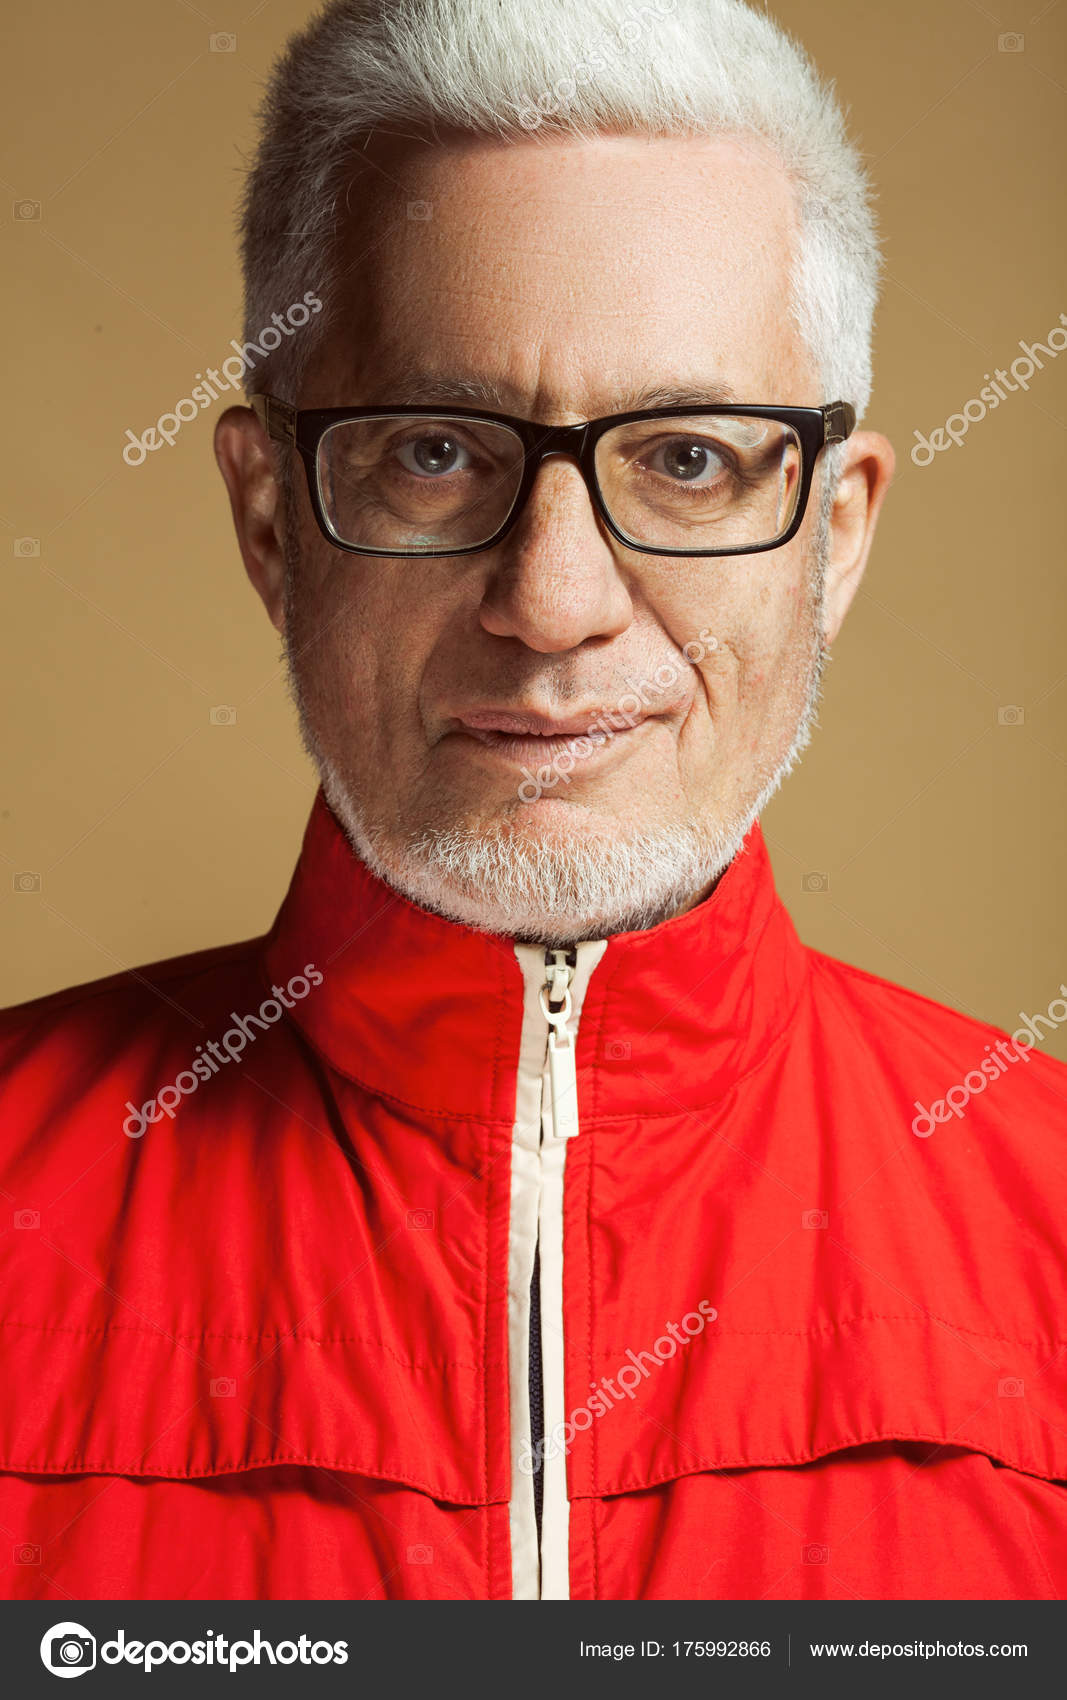 Fabelhafte Jedem Alter Brillen Konzept Porträt Von Modischen